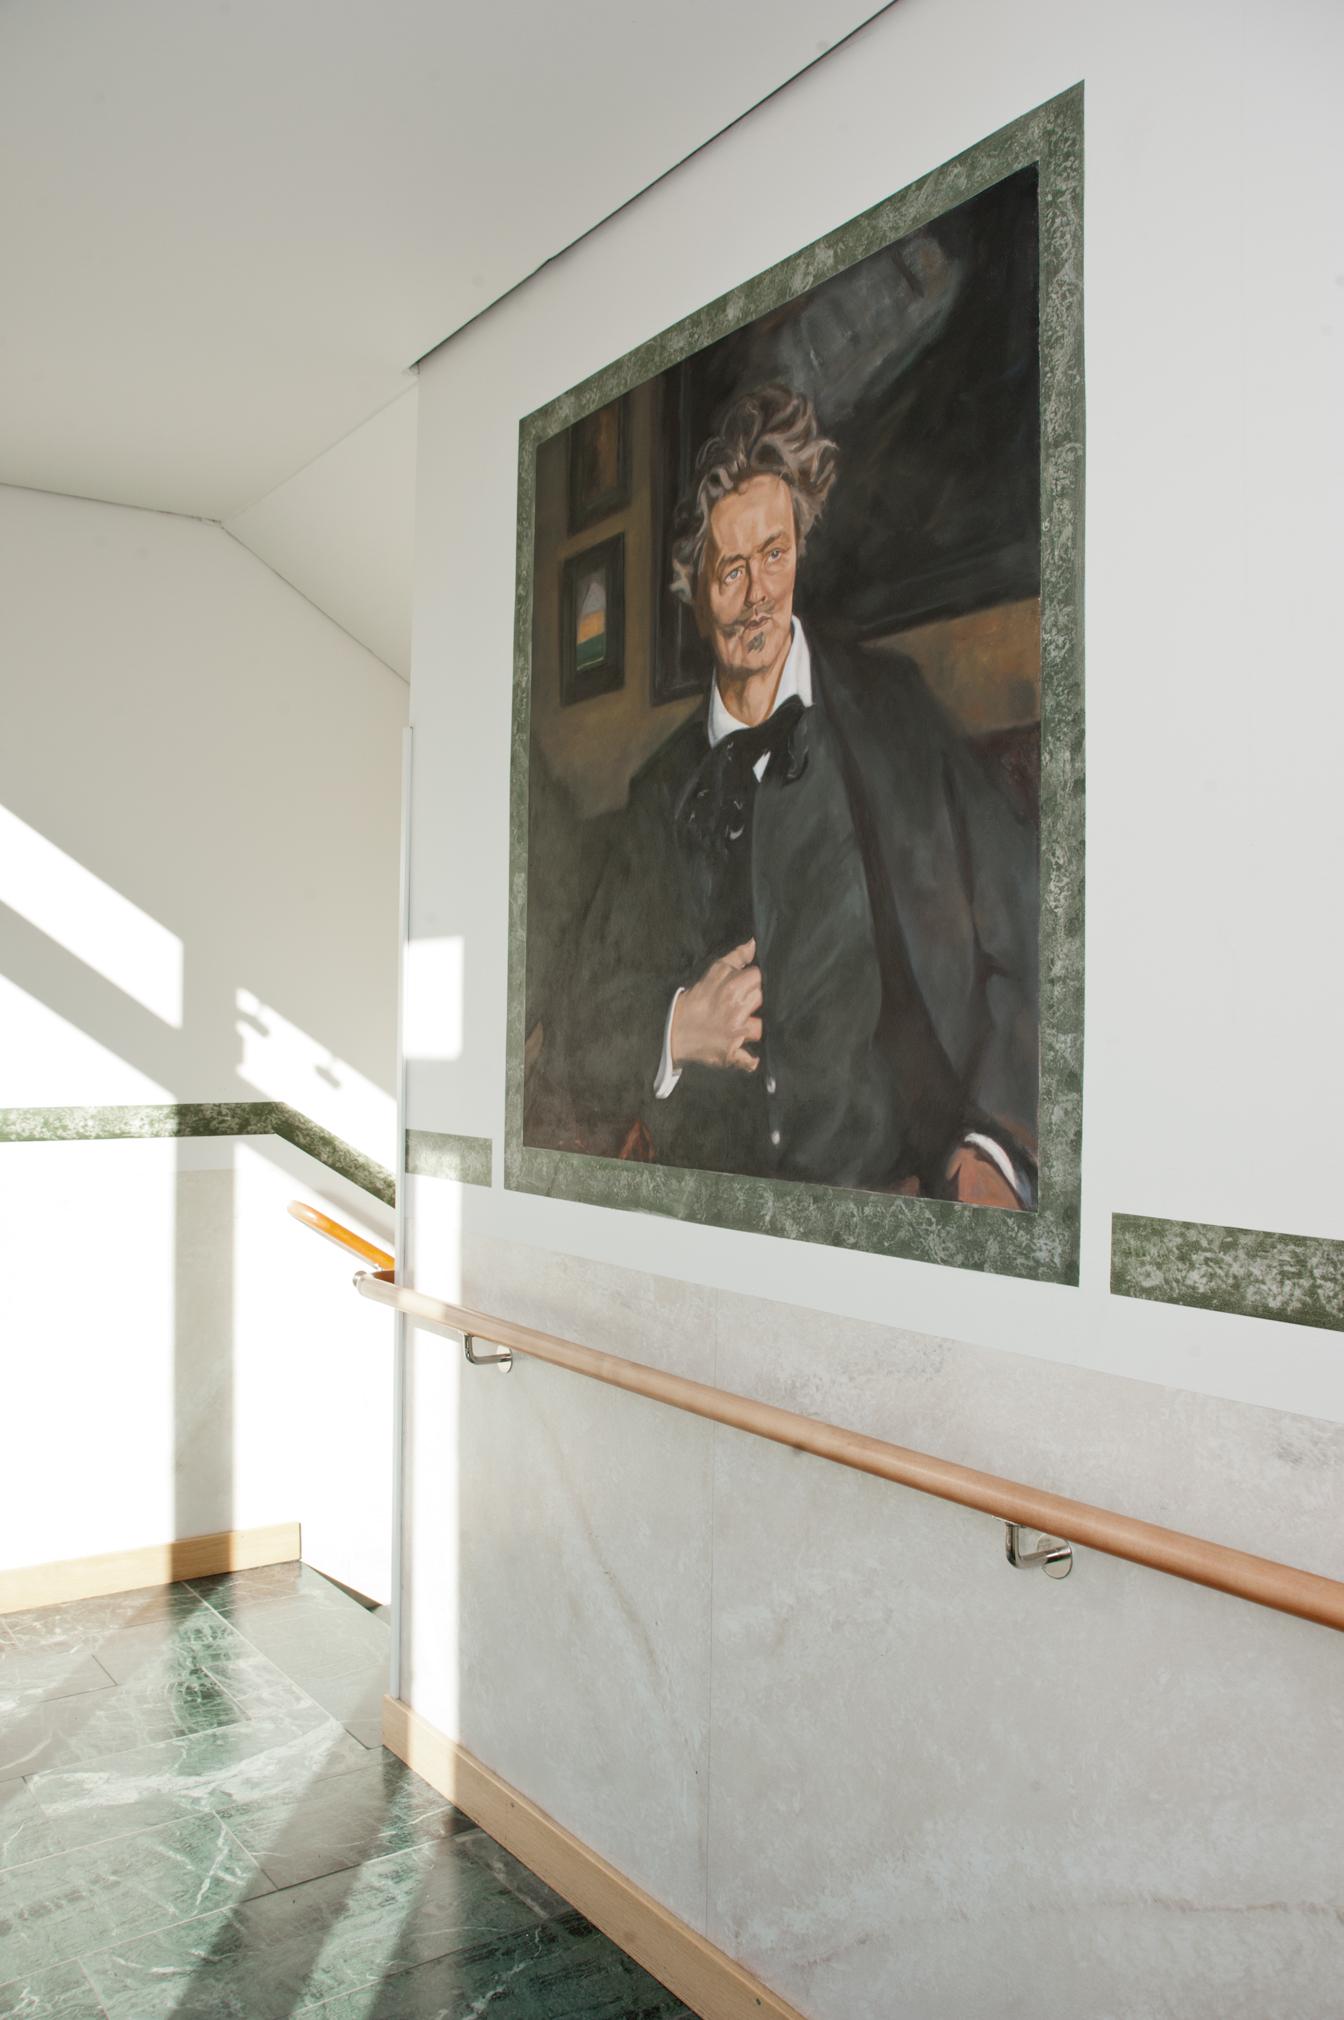 Reproduktion av Claes-Åke Schlönzig - Rickard Berg - August Strindberg - Klicka för att byta till närbild.